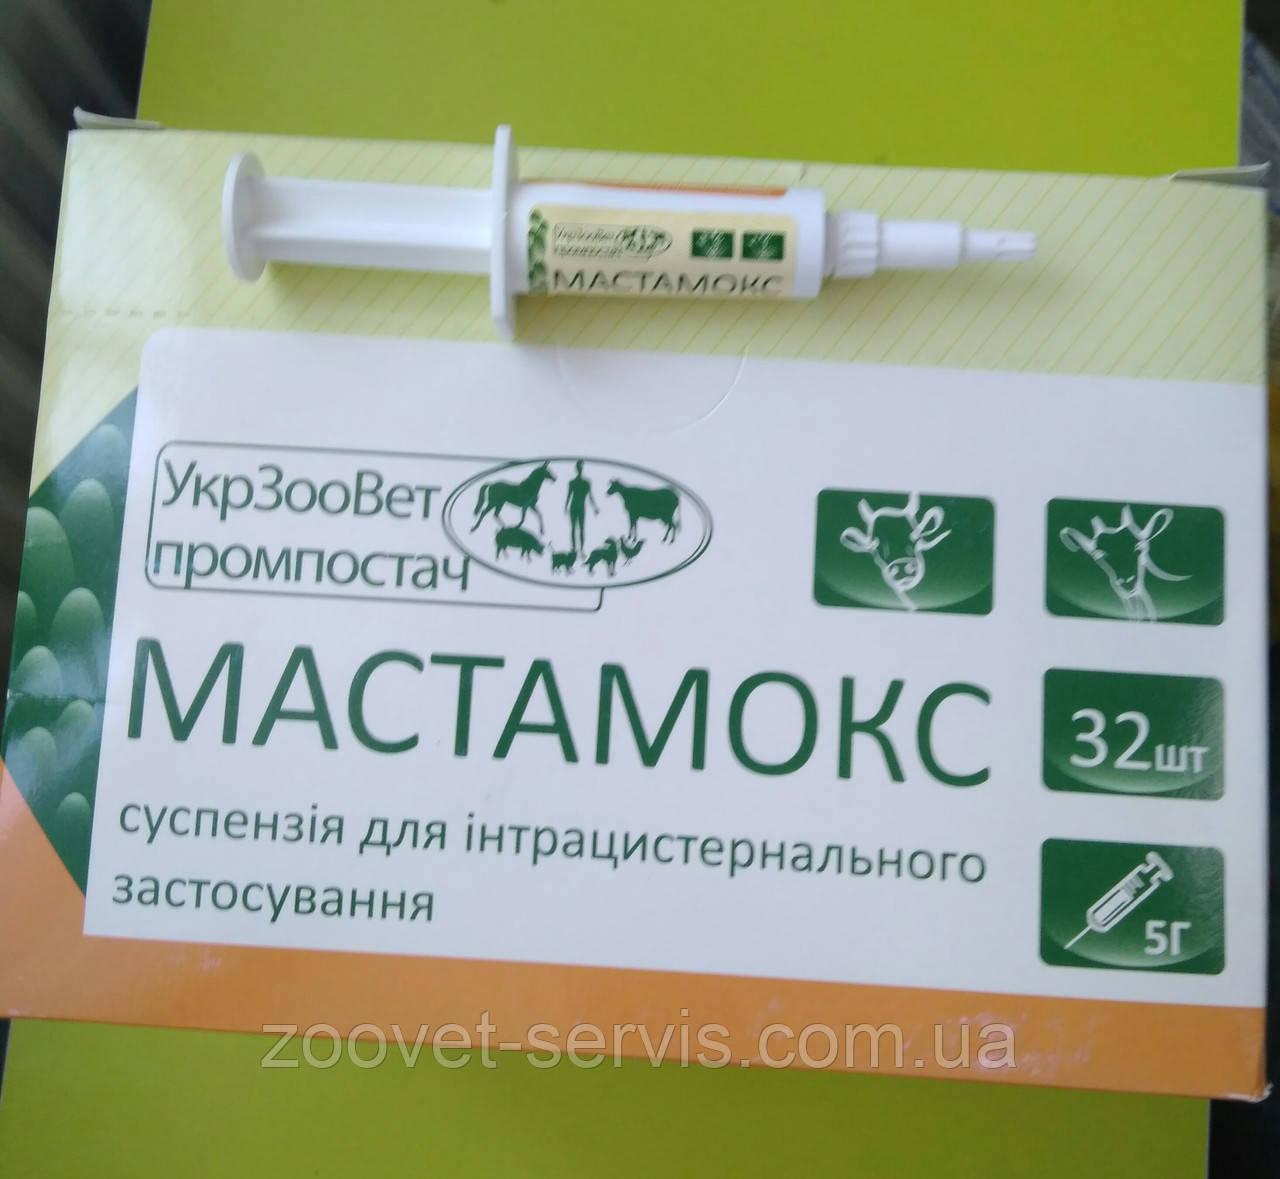 Мастамокс, шприц 5 г